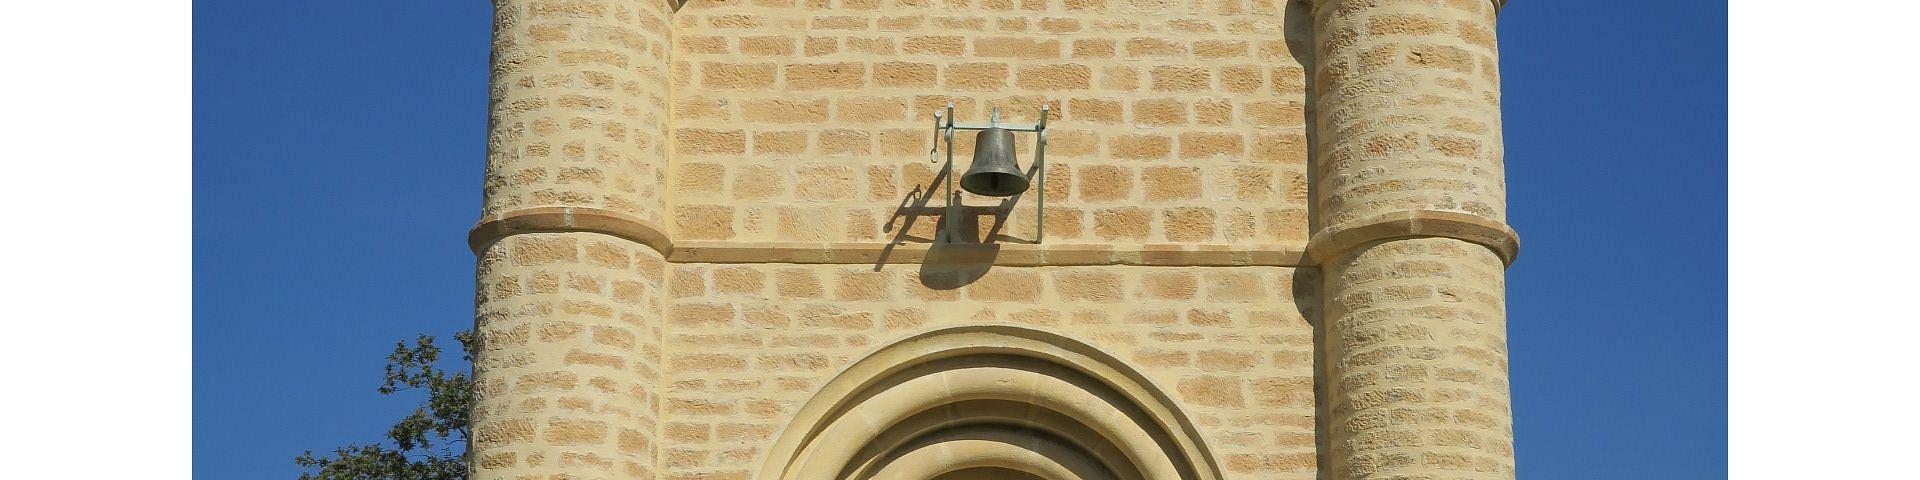 Menou - Chapelle Notre-Dame de la tête ronde (58)